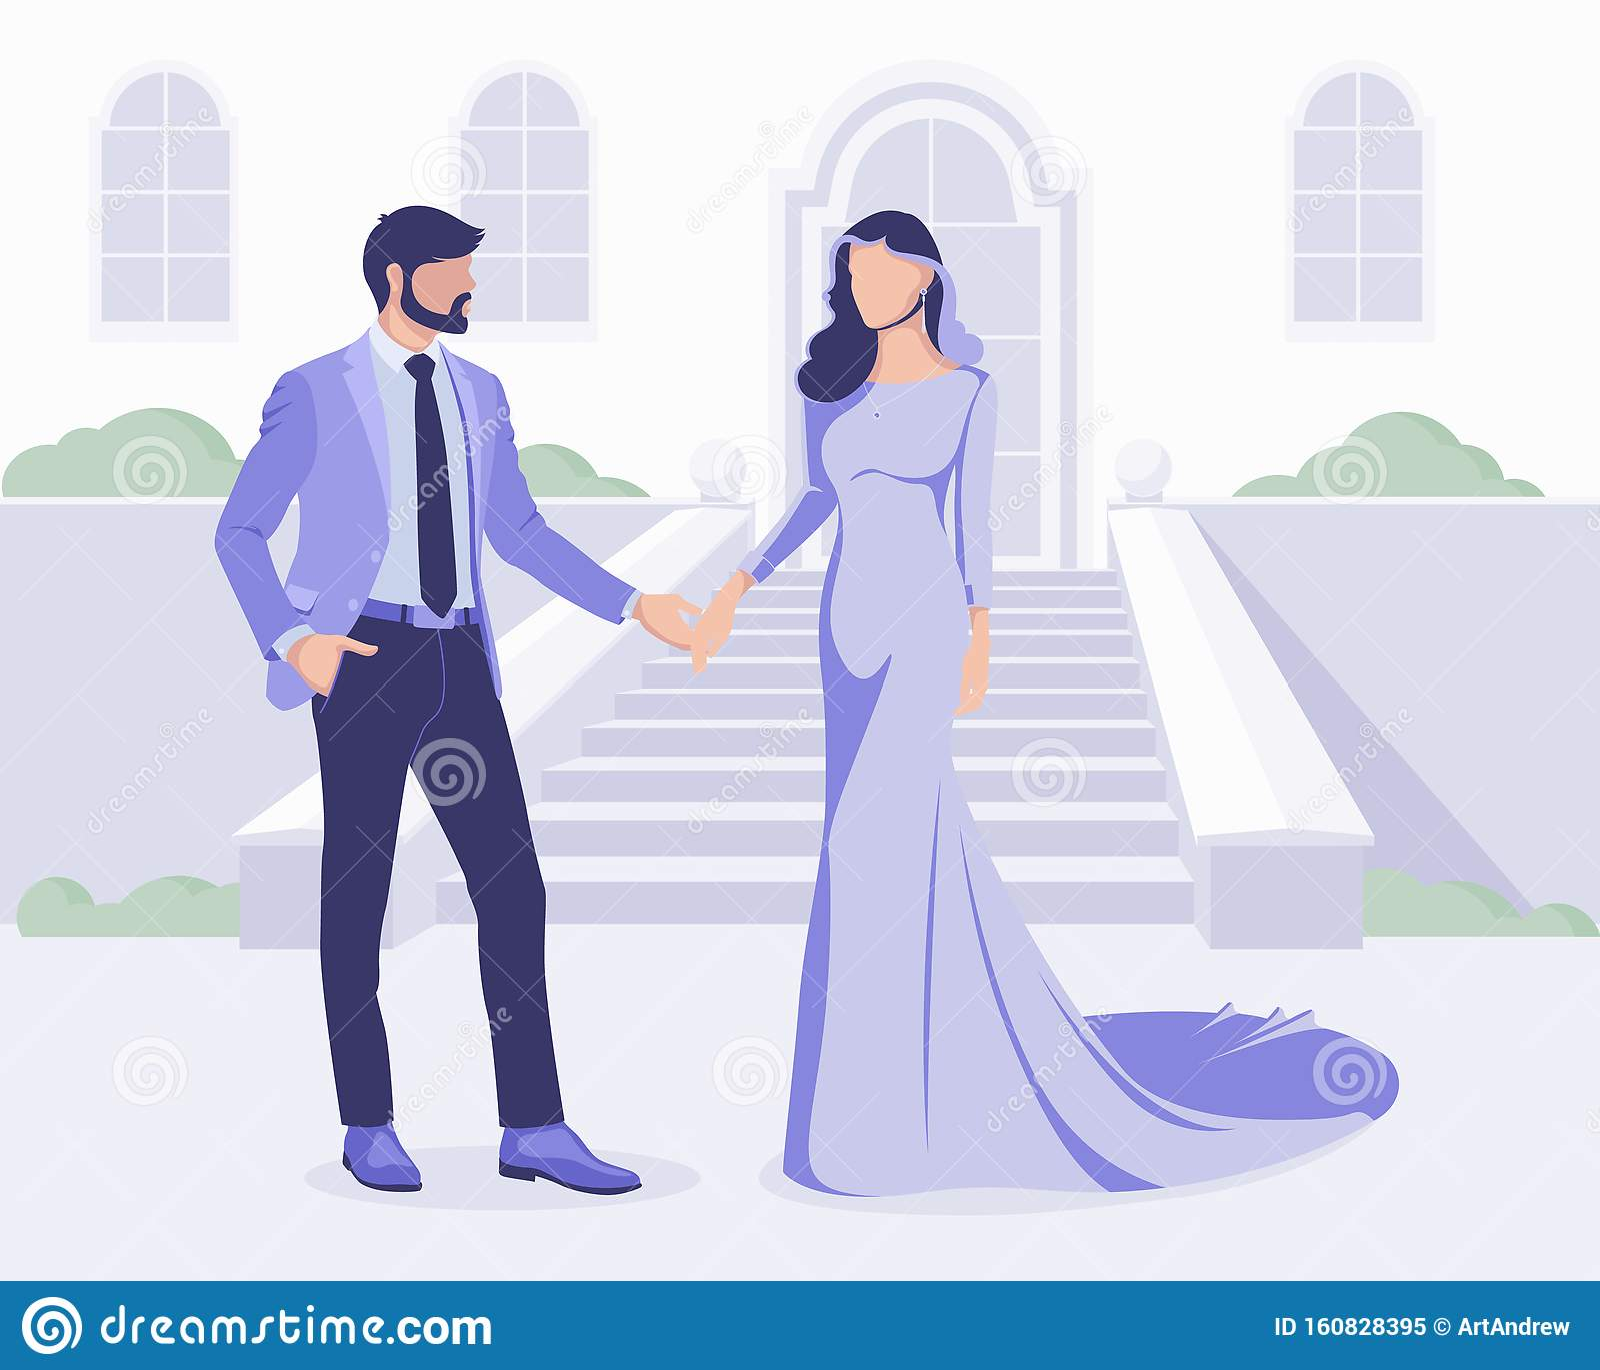 rencontre homme en couple